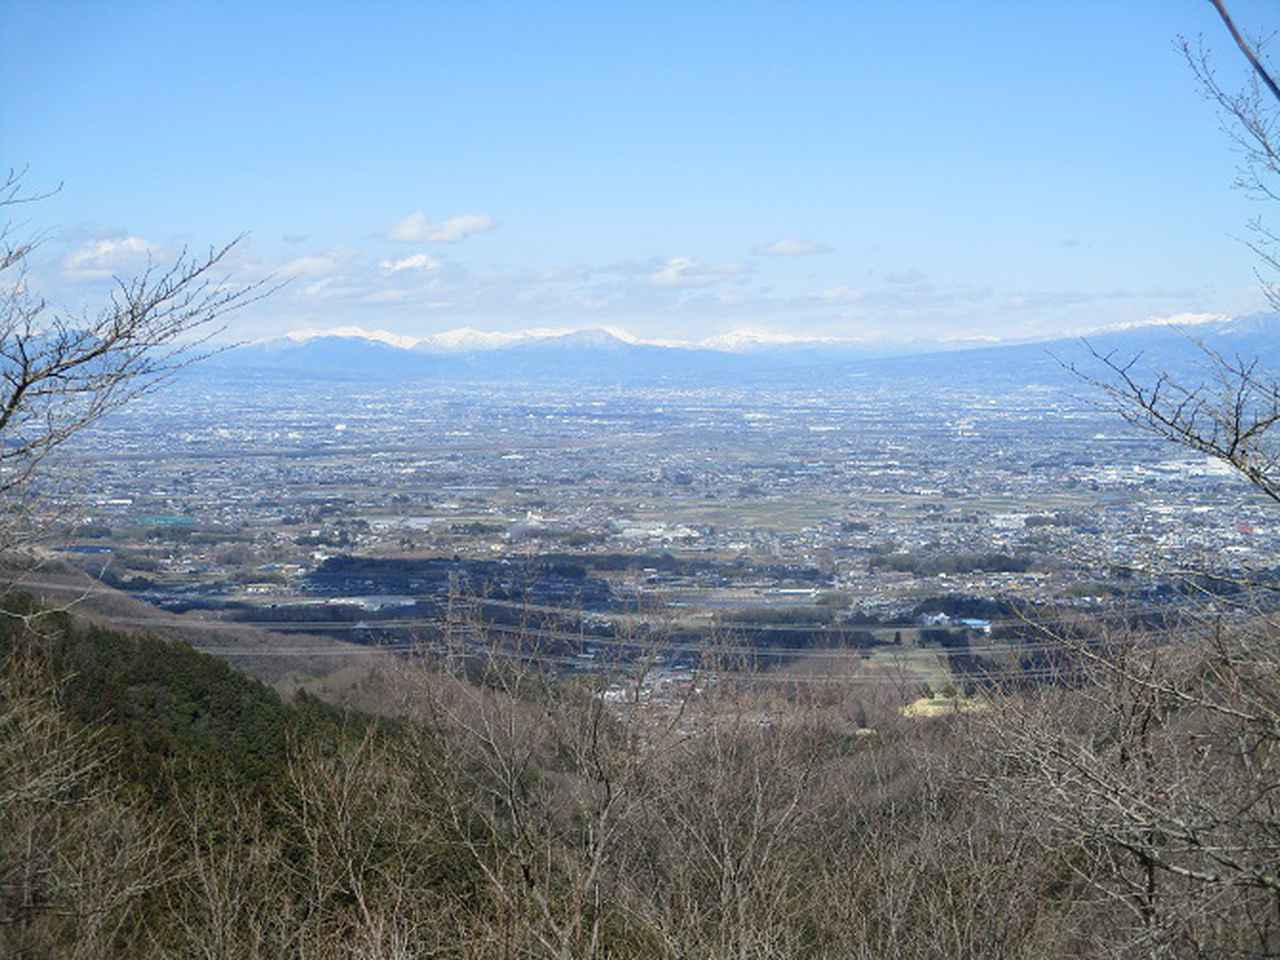 画像12: 3月の山旅会 「陣見山」 ツアーの下見のご報告です!